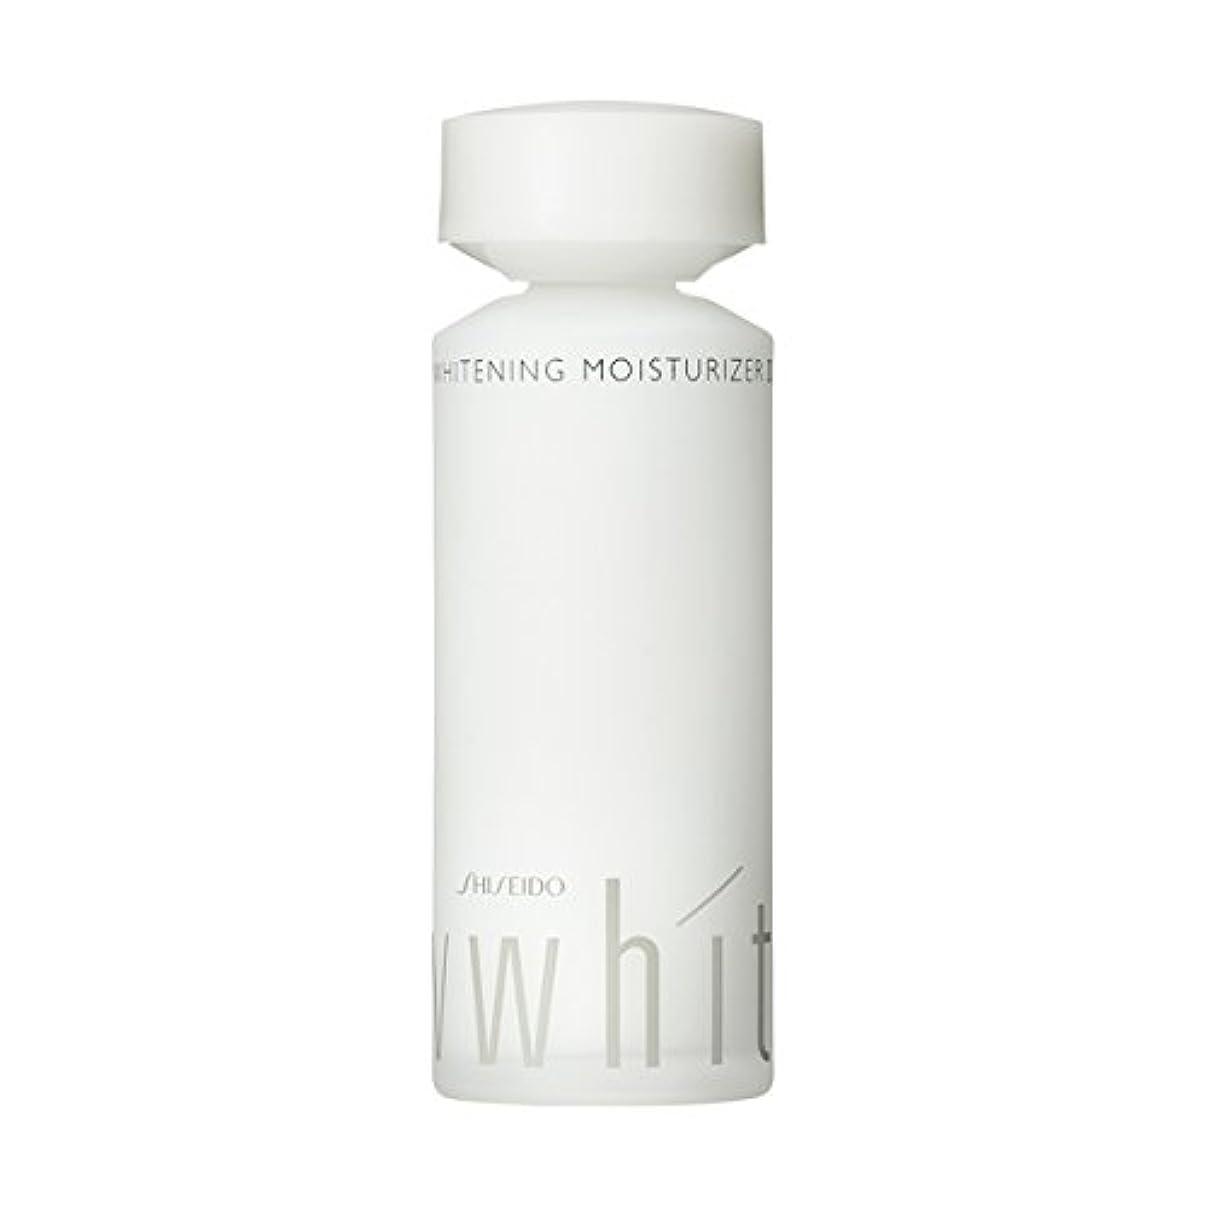 傑出した最近新年UVホワイト ホワイトニング モイスチャーライザー 2 100mL 【医薬部外品】